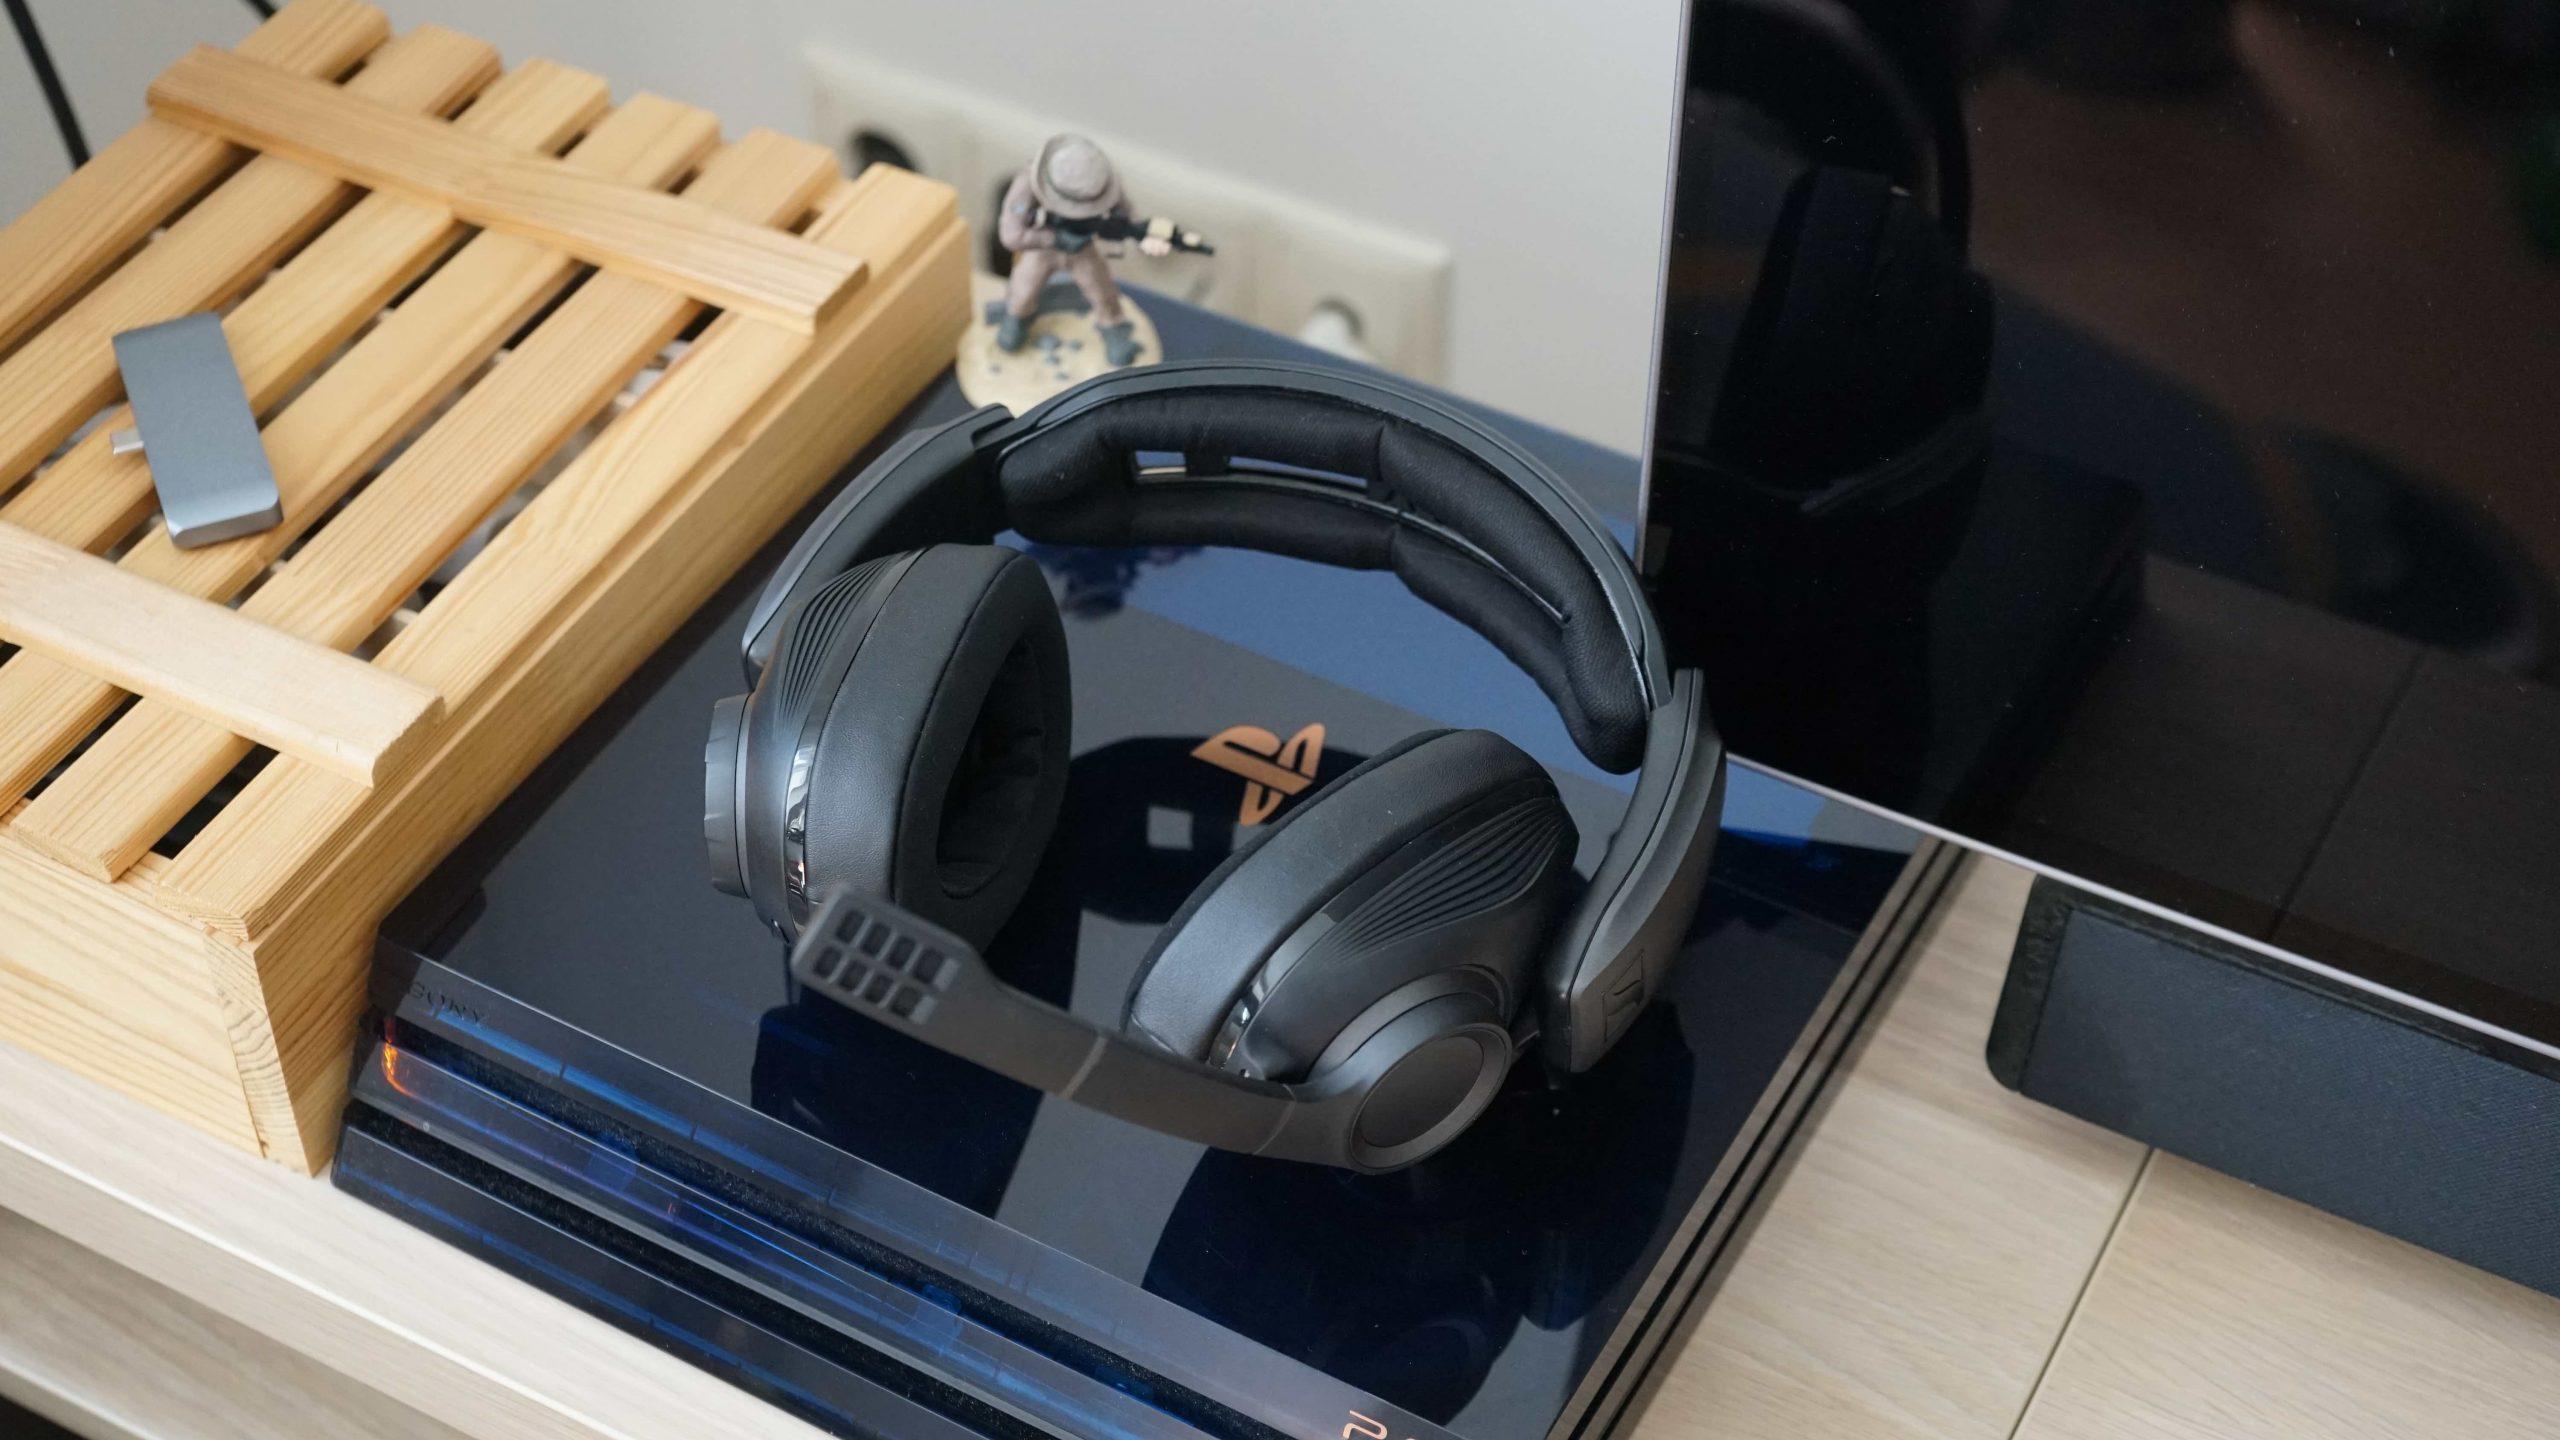 Sennheiser GSP 670 Gaming Headset Review